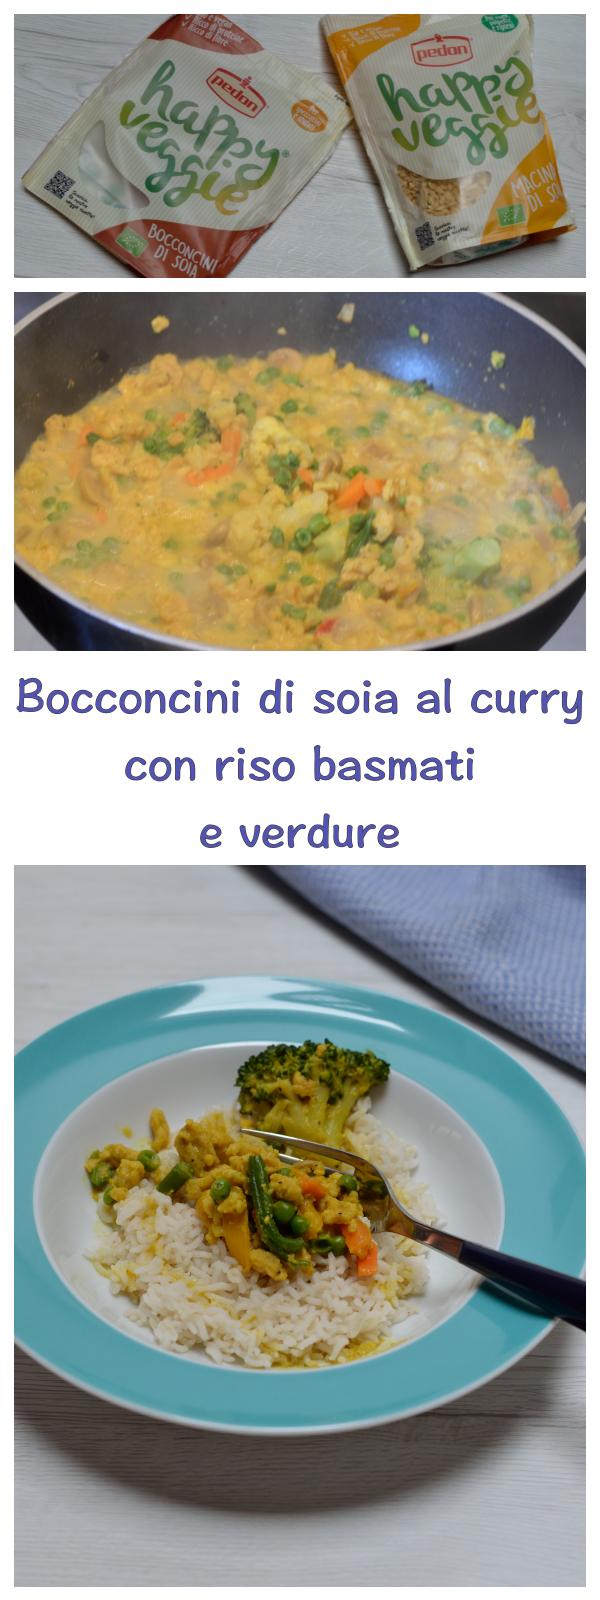 preparazione bocconcini di soia al curry